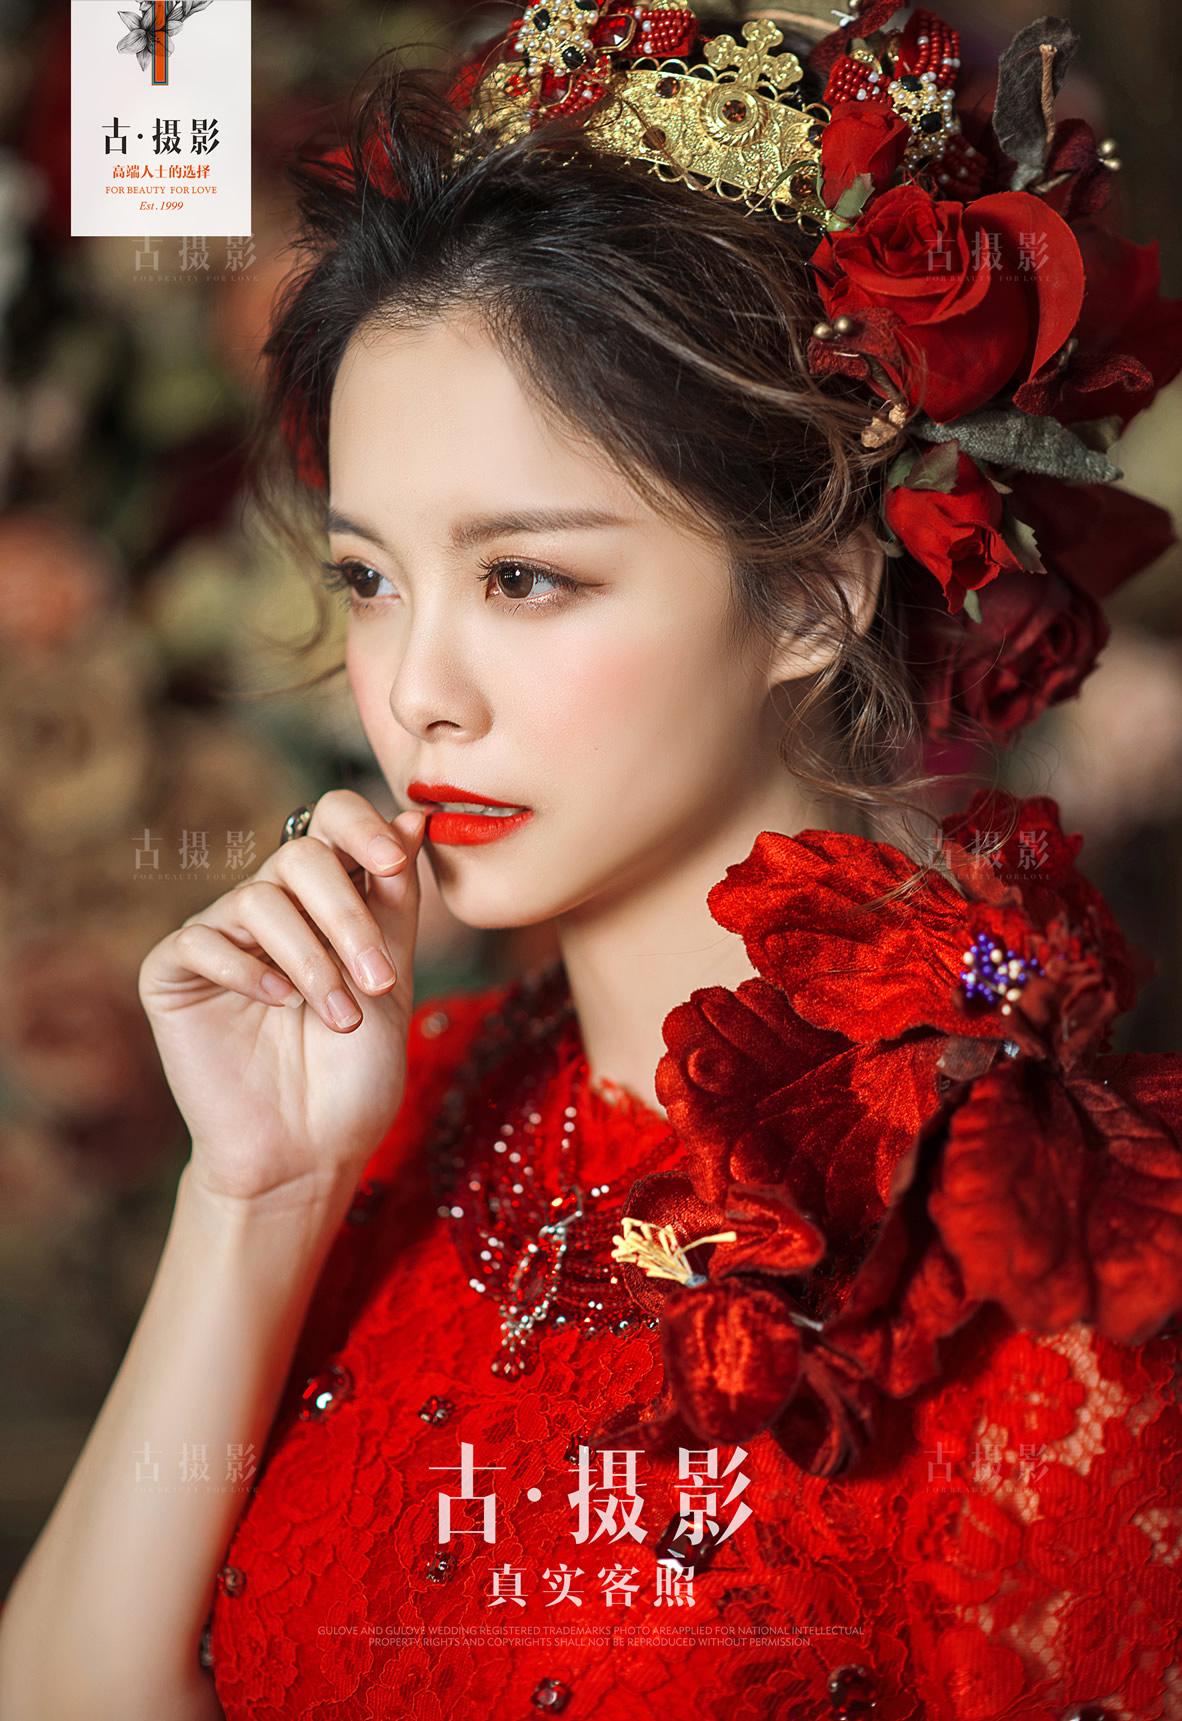 8月8日客片张先生 张小姐 - 每日客照 - love上海古摄影-上海婚纱摄影网